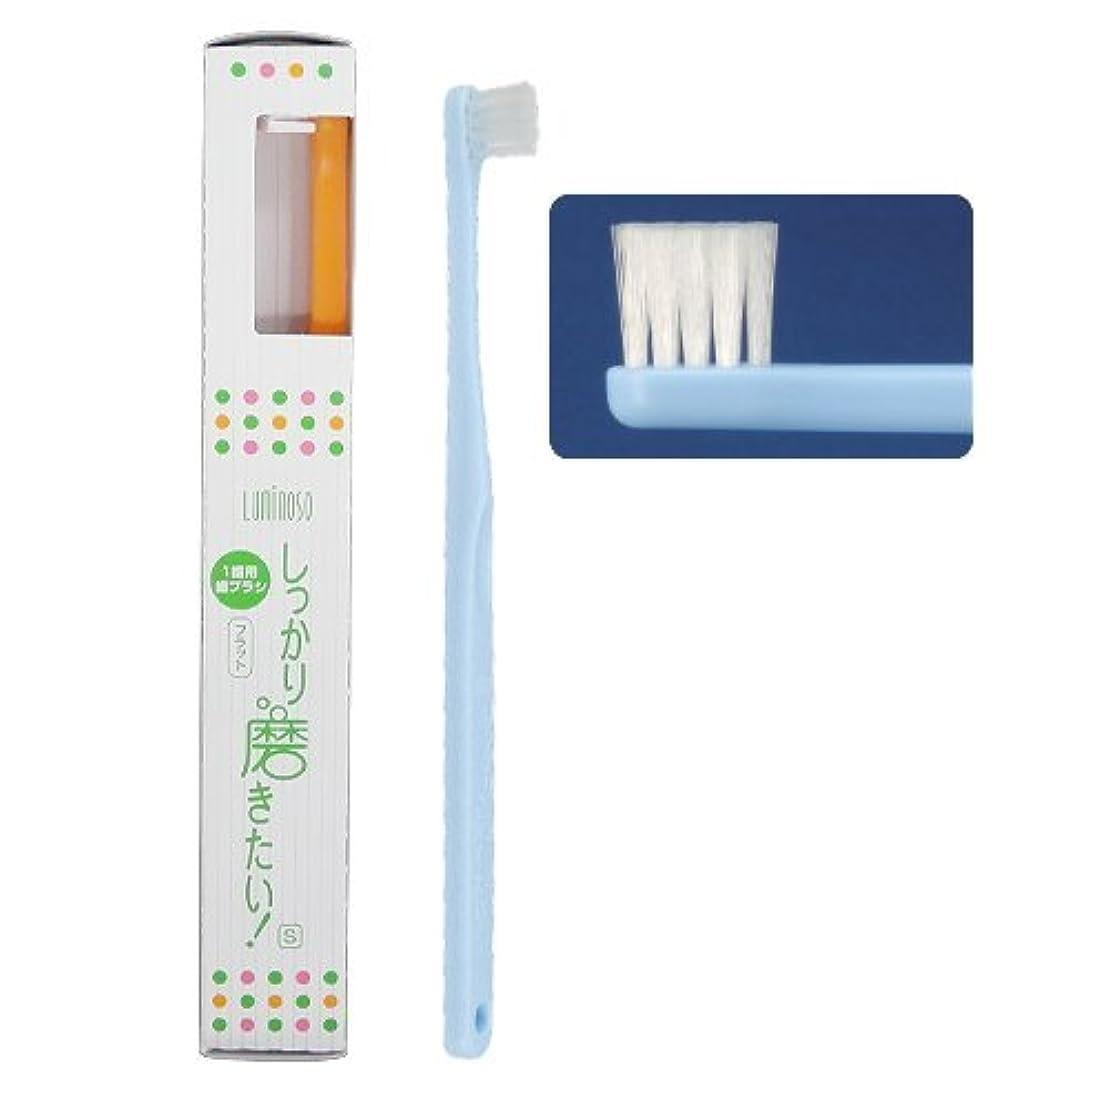 芸術慎重に幼児ルミノソ 1歯用歯ブラシ 「しっかり磨きたい!」 フラット ソフト (カラー指定不可) 3本